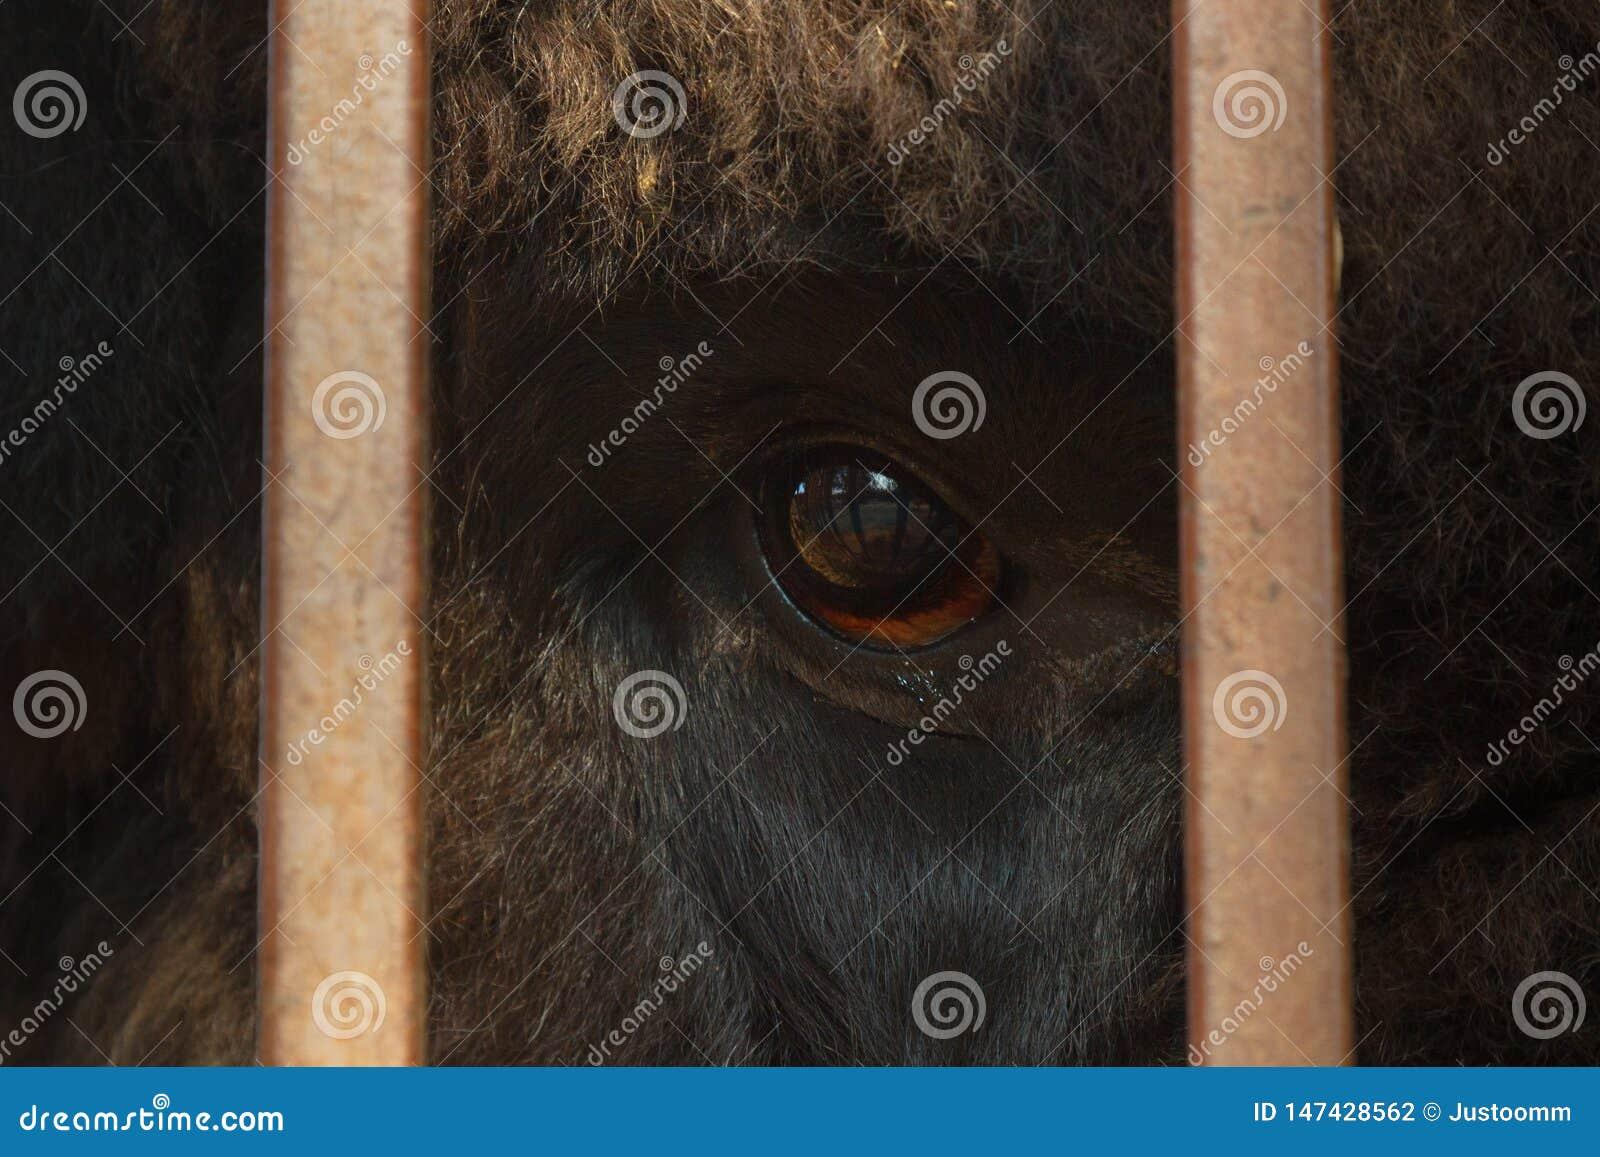 Enormt öga av djurfotoet till och med stängerna, begreppet av frihet av djur utan våld över dem